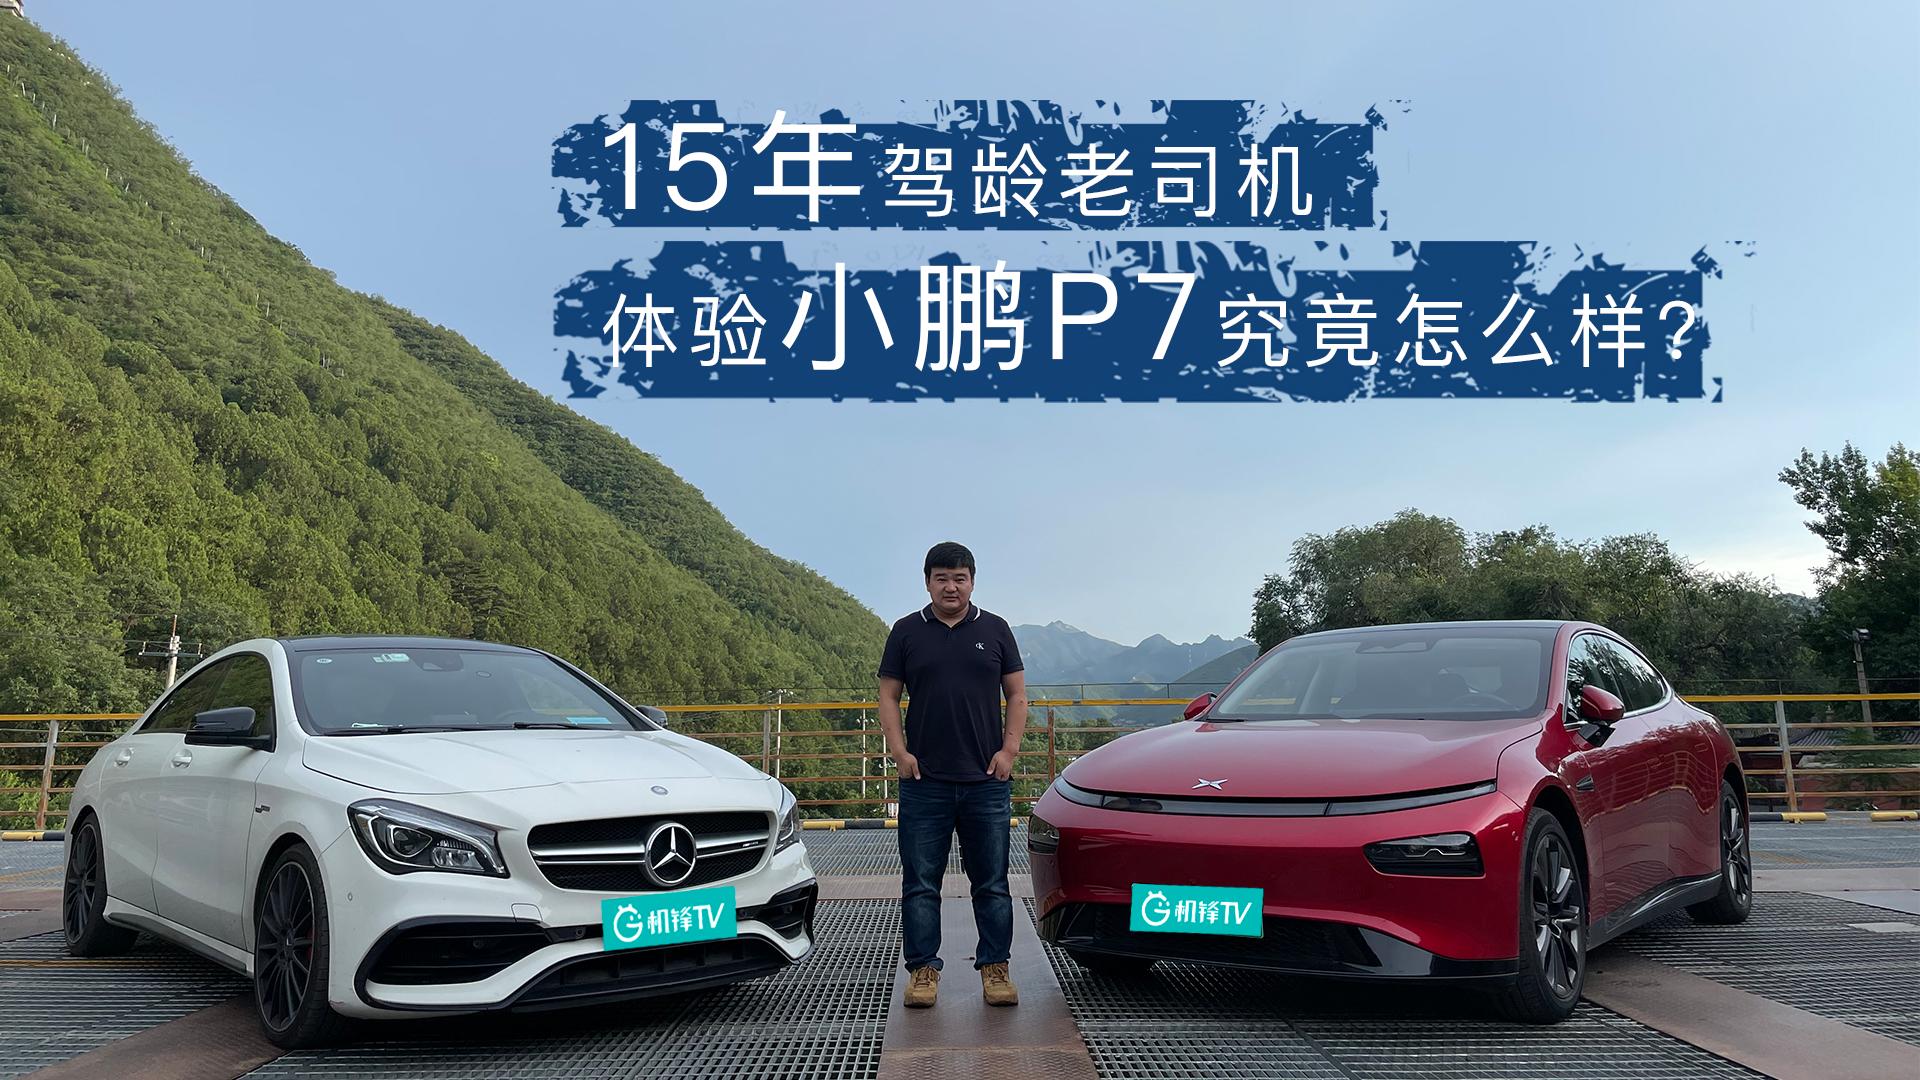 15年驾龄老司机真实体验 小鹏P7究竟怎么样?